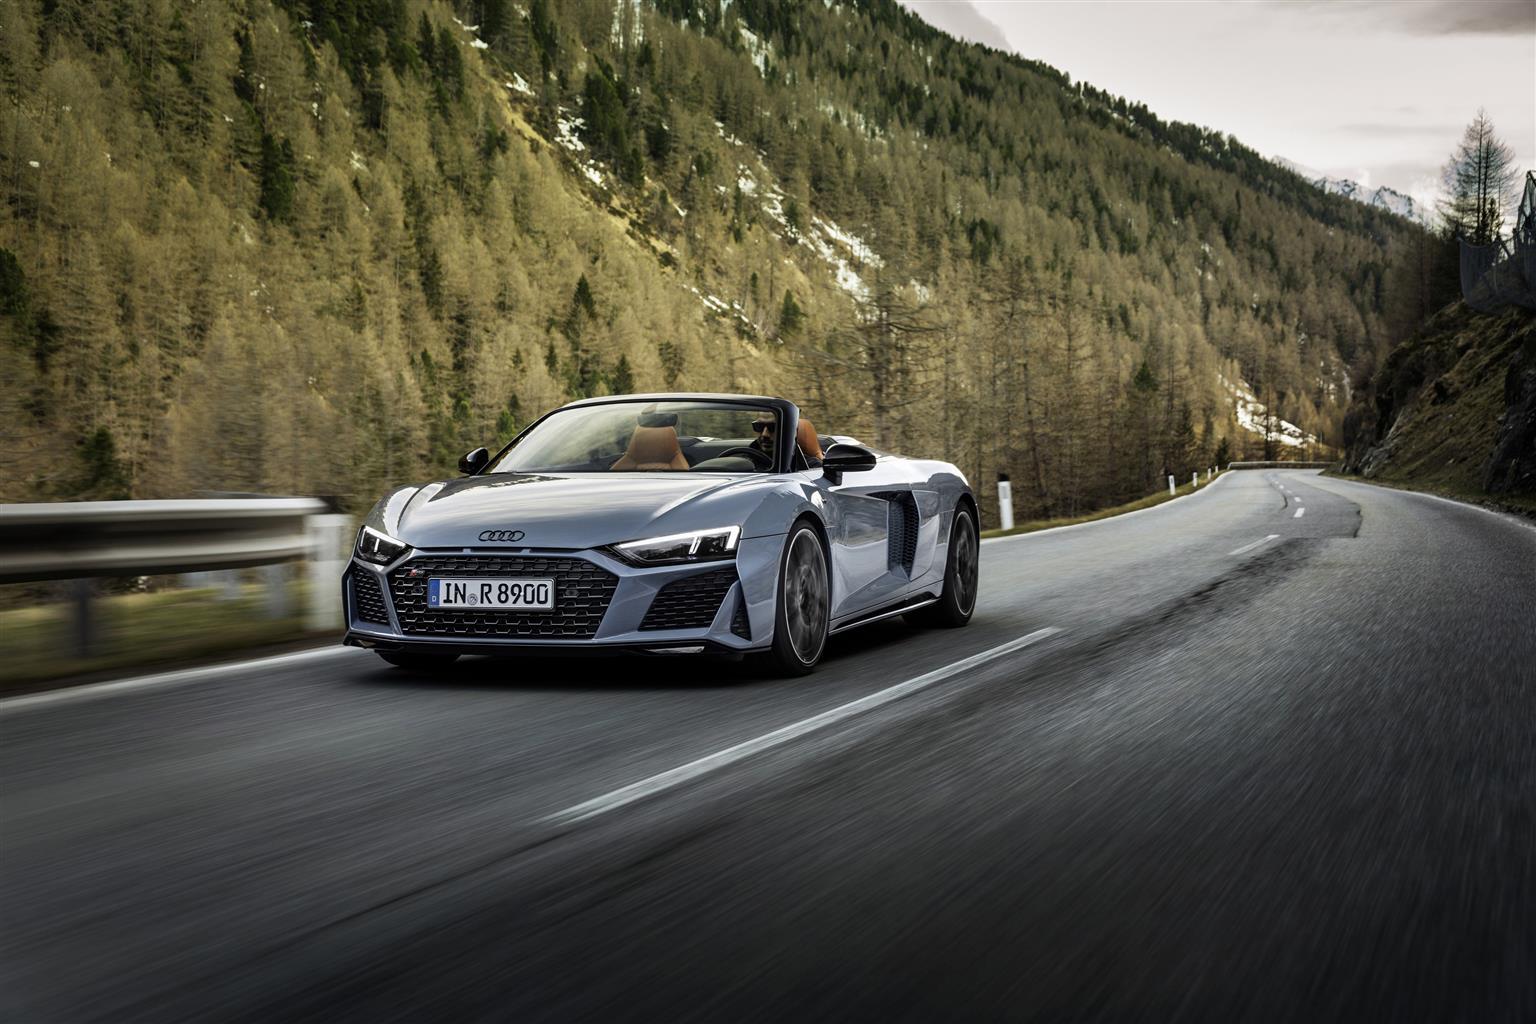 Audi R8 V10 performance RWD in strada